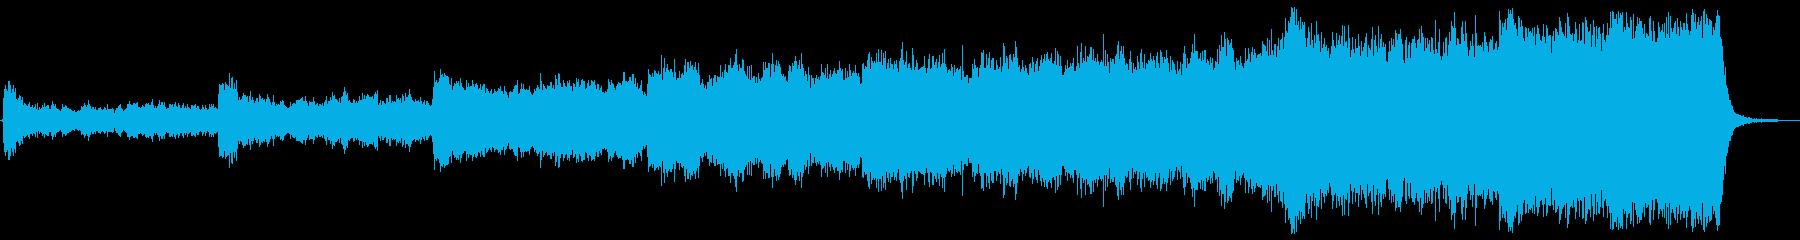 壮大 主人公覚醒 オーケストラ 合唱無版の再生済みの波形